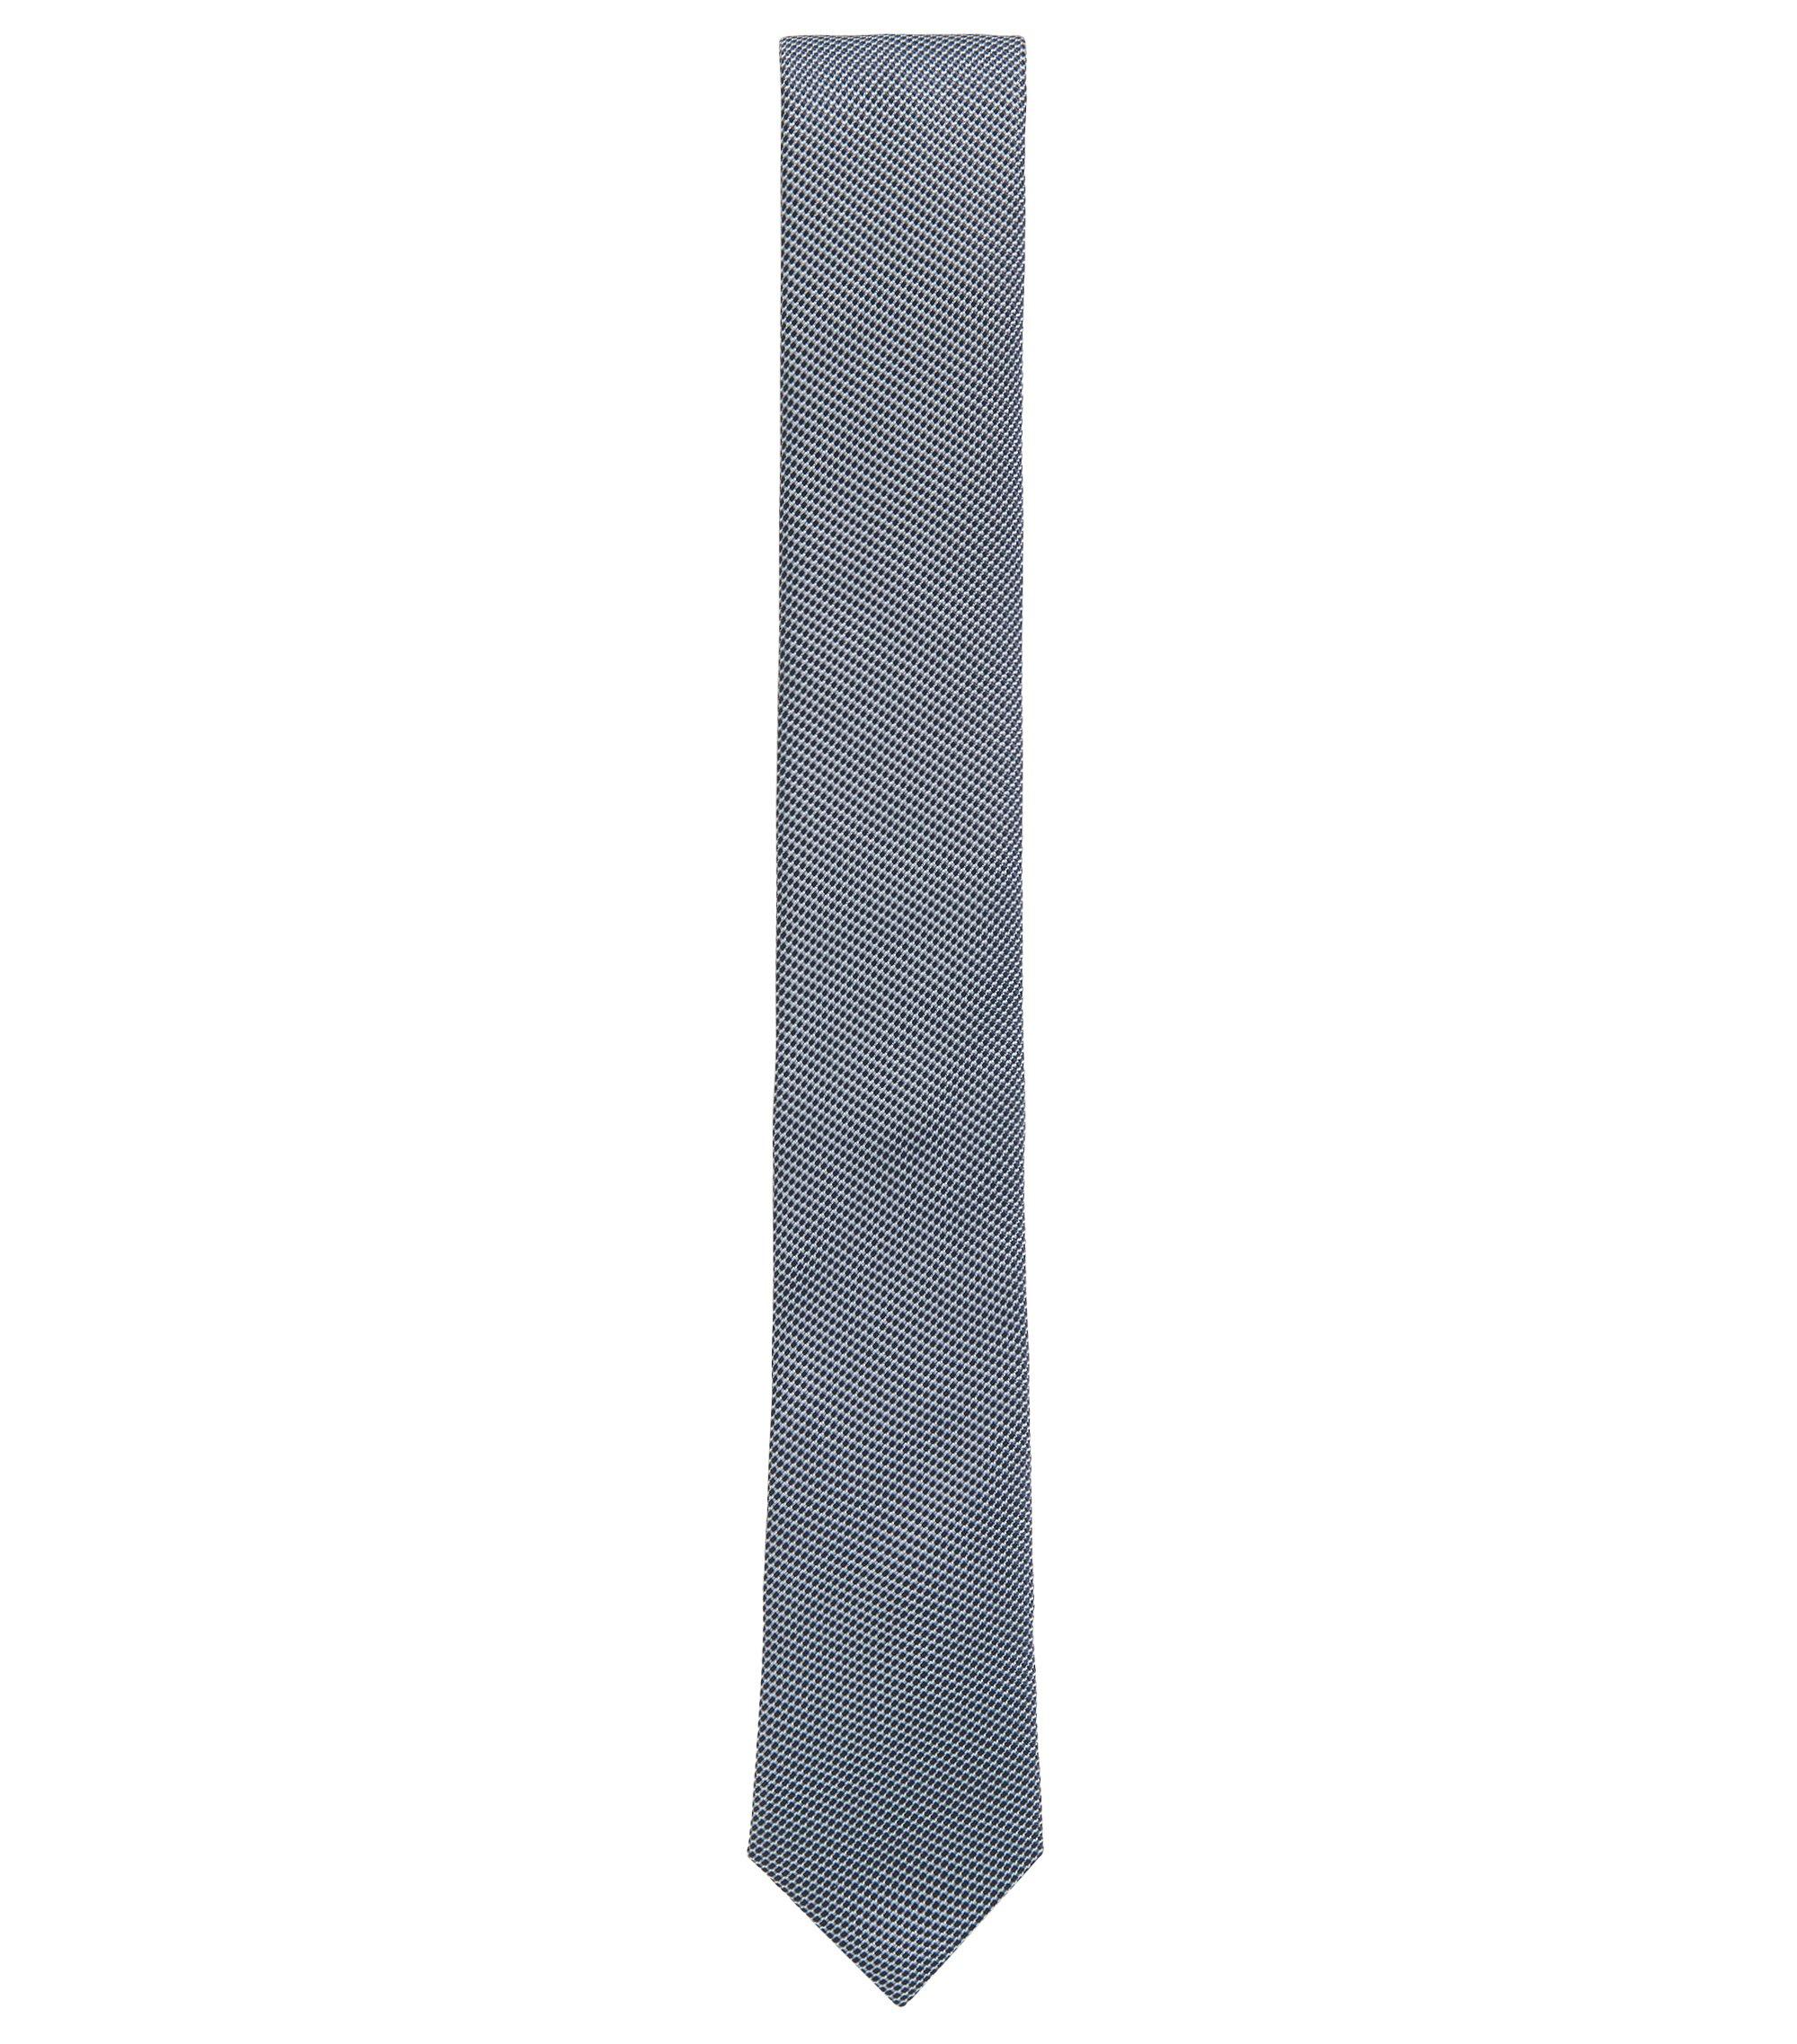 Cravate jacquard en soie à micro-motif contrastant, Bleu foncé